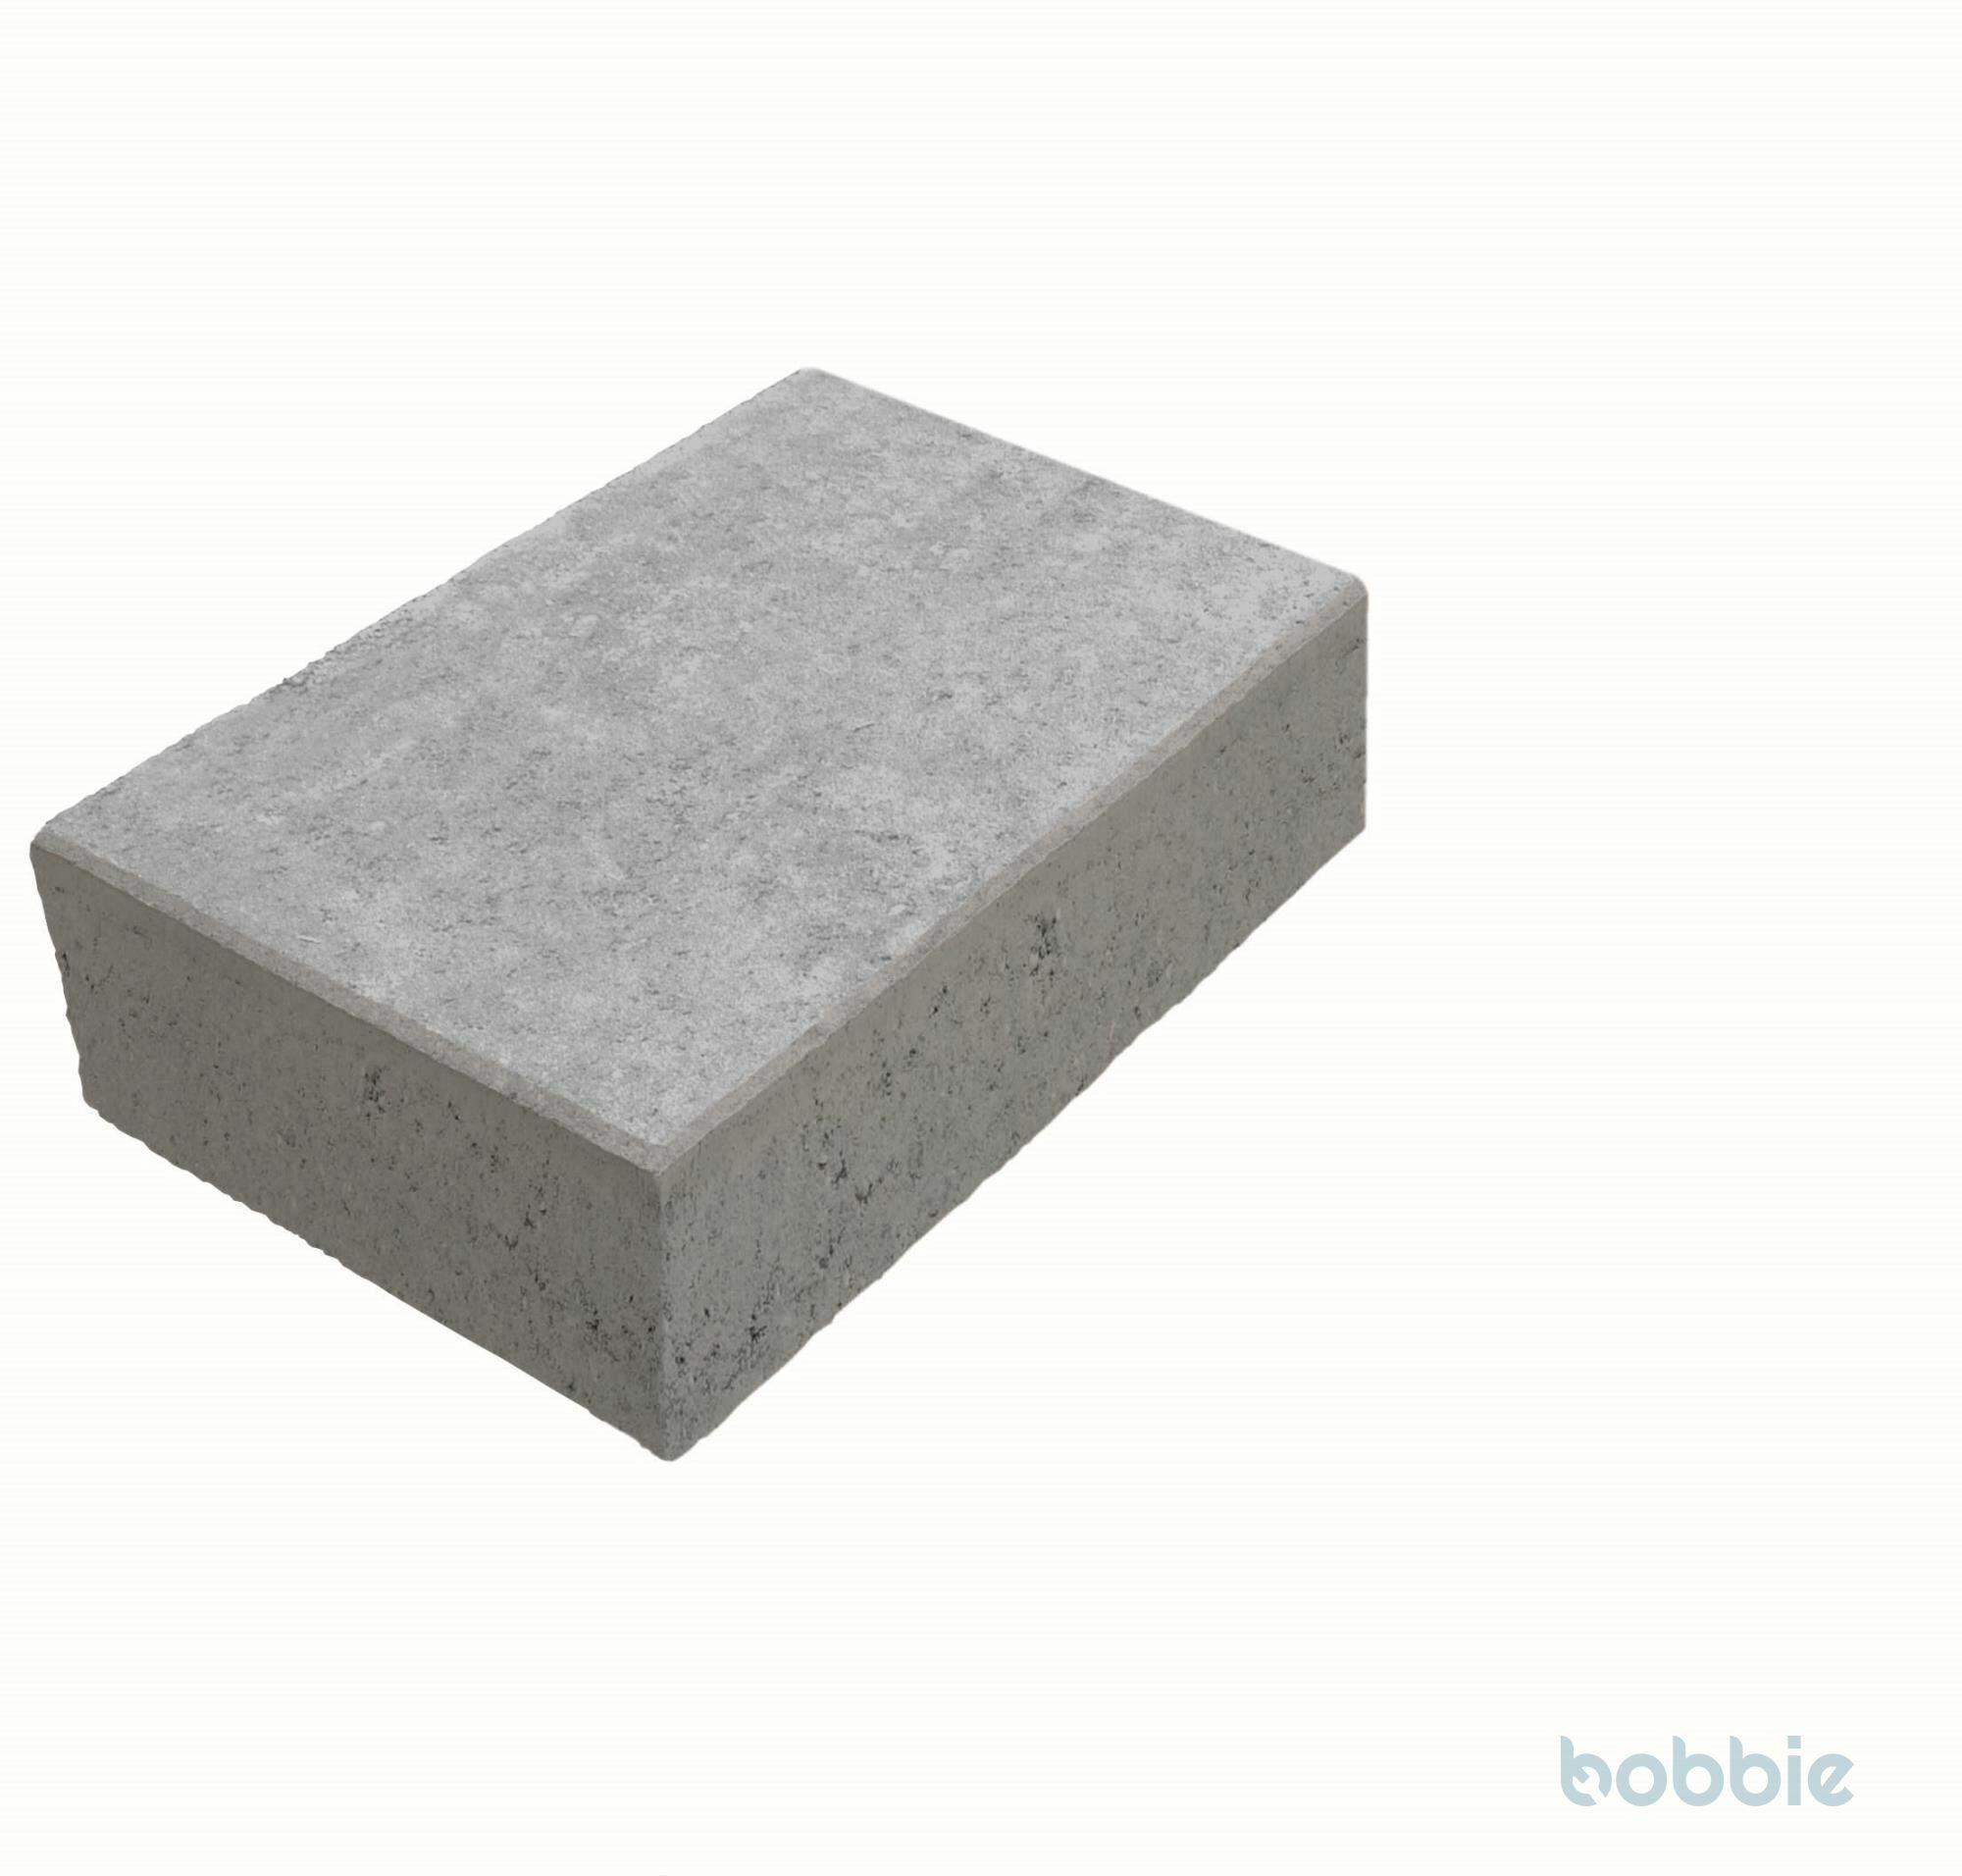 DIEPHAUS BLOCKSTUFE GRAU 50/35/15 CM